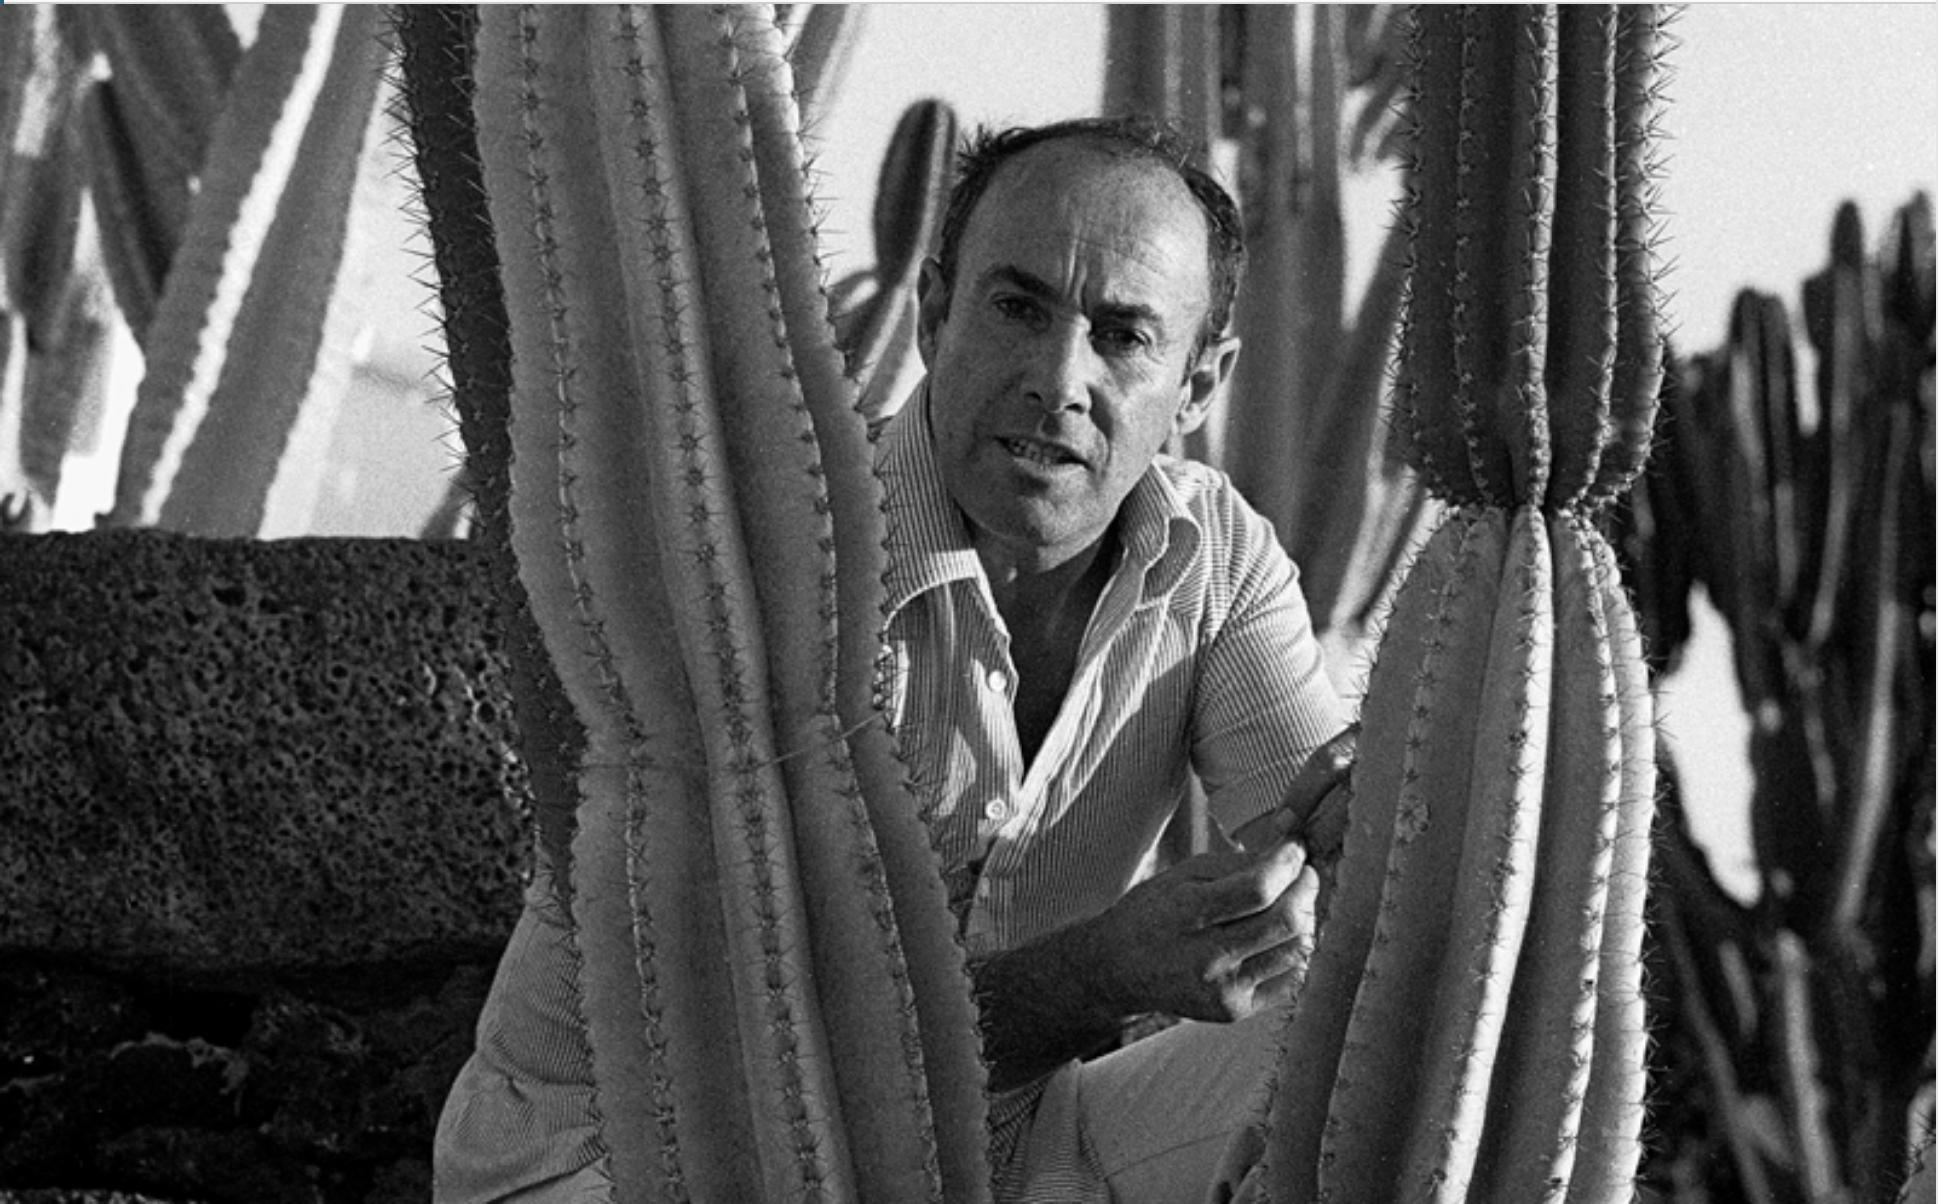 """La exposición """"César Manrique. 100 años de vida"""", producida y organizada por la Fundación César Manrique en el marco del centenario de su fundador, se muestra en la Sociedad la Democracia"""